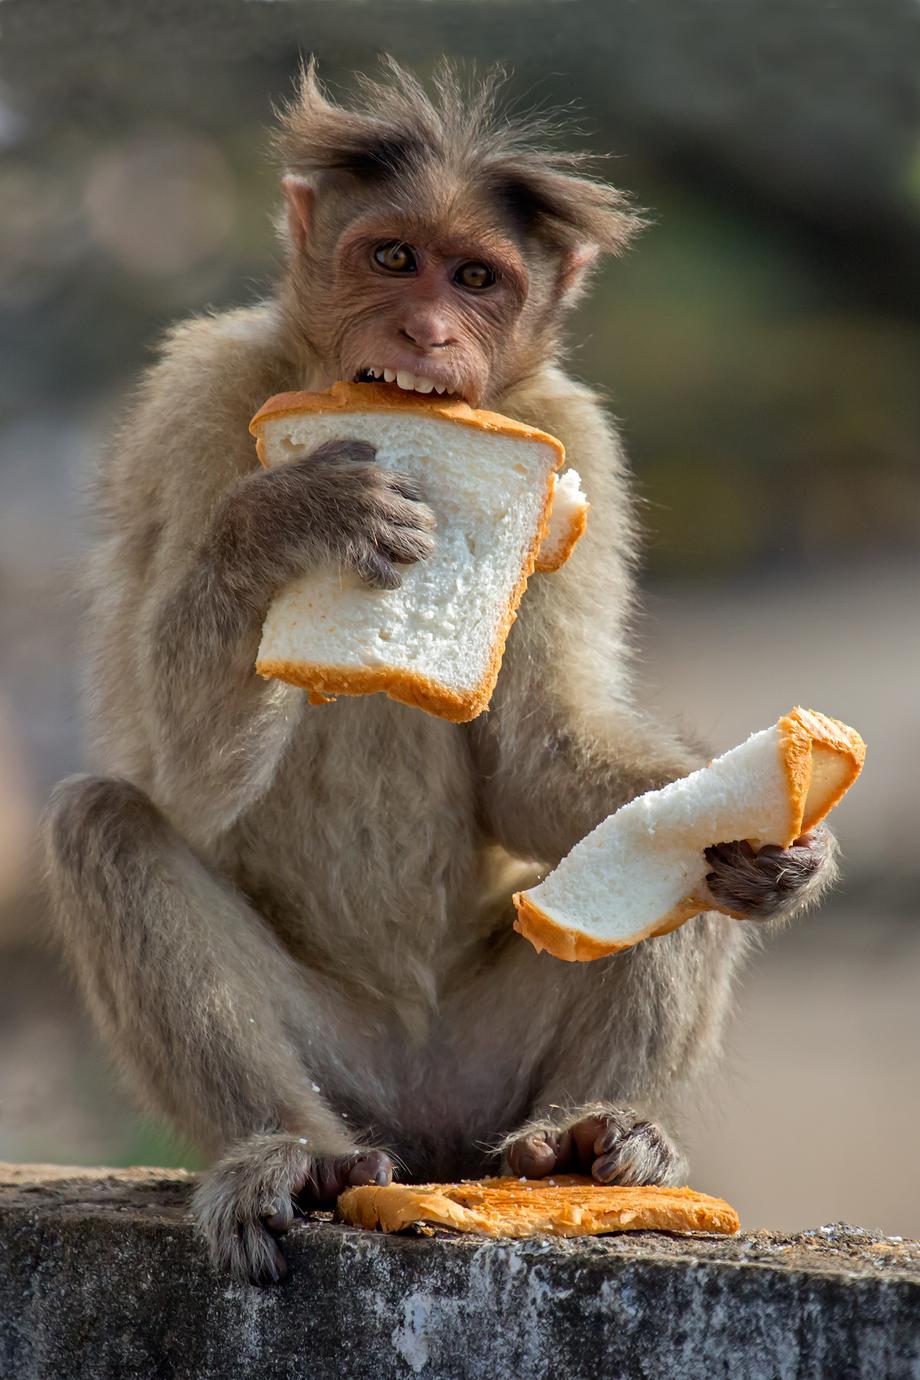 Mono come pan robado de una tienda cercana en India